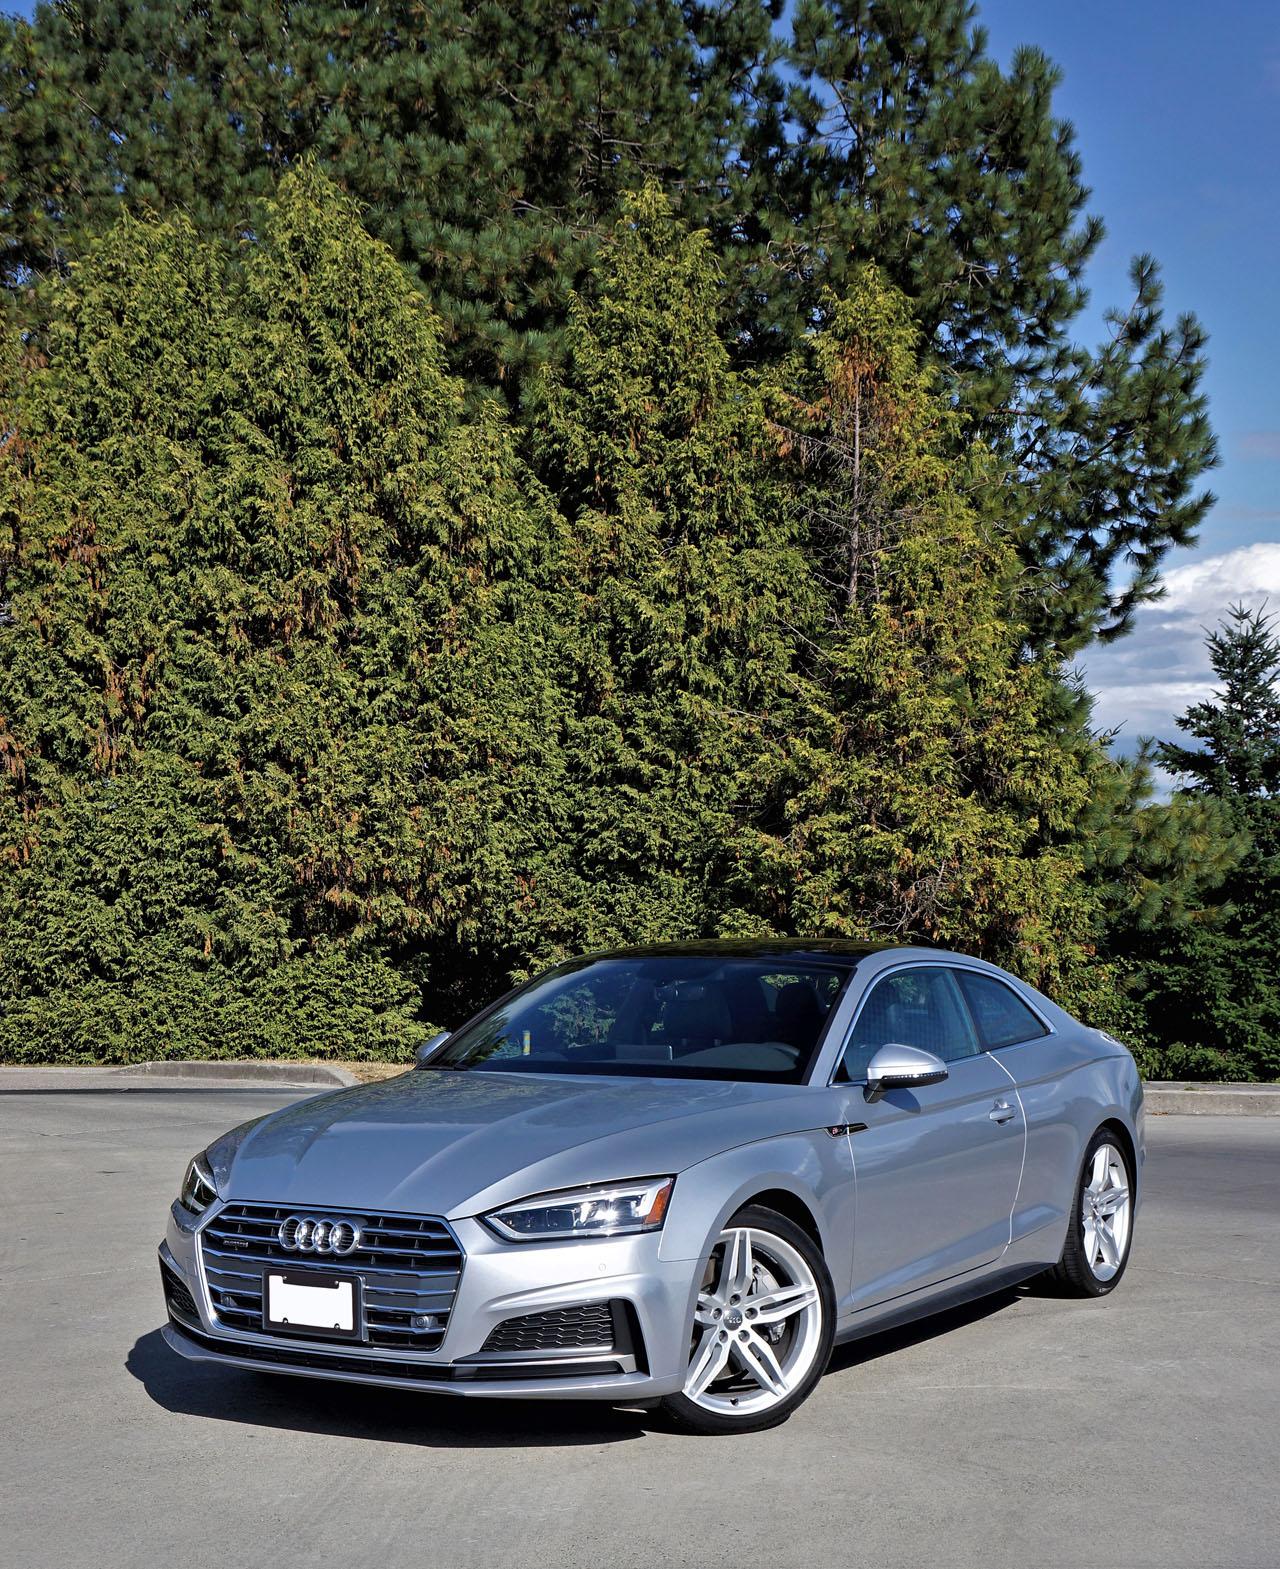 2018 Audi A5 Coupe 2.0 TFSI Quattro Progressiv S Line Road